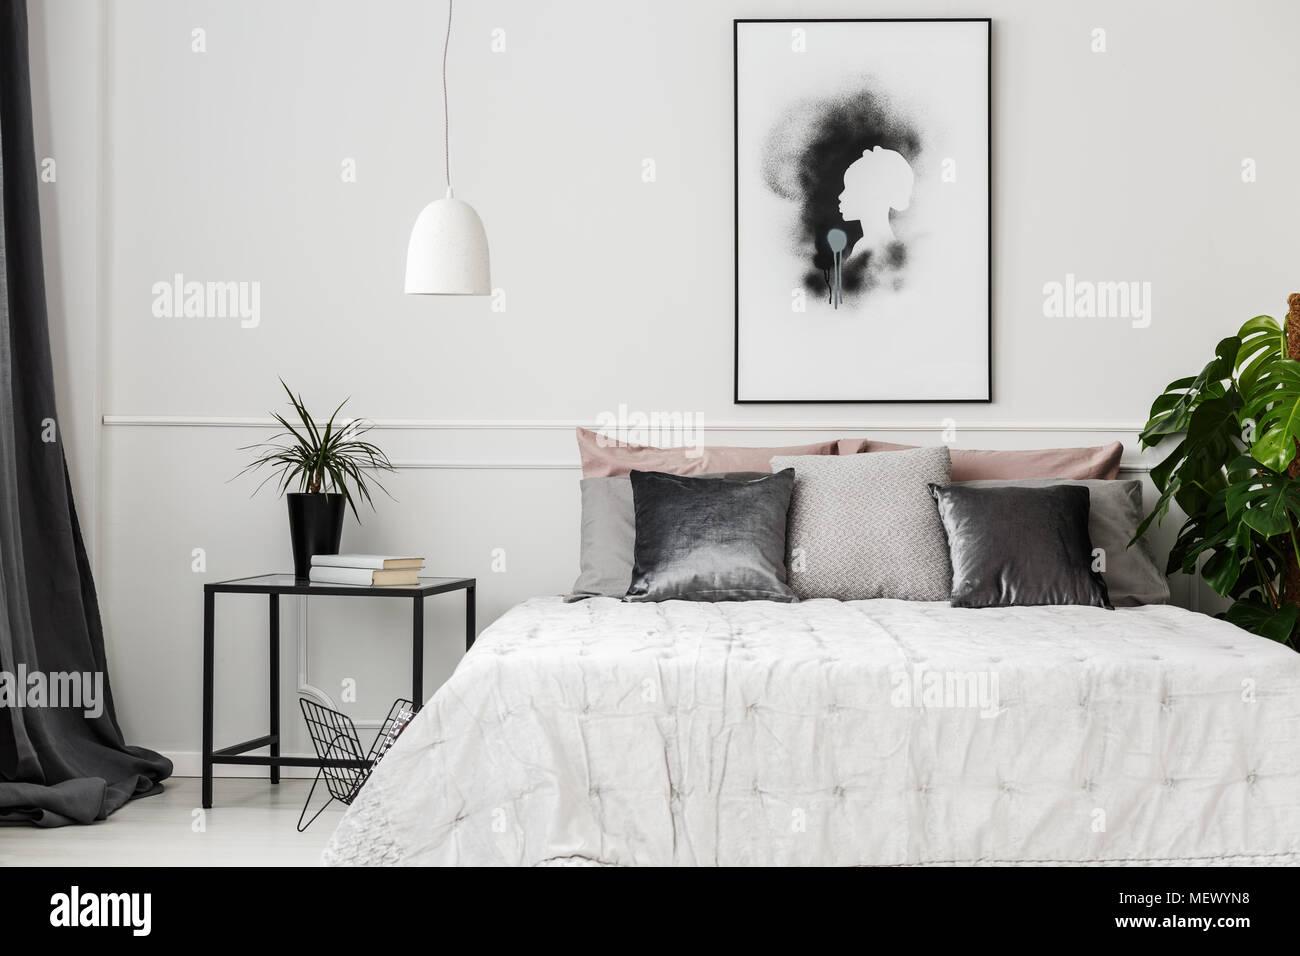 GroBartig Helles Hotel Schlafzimmer Innenraum Mit Frischen Topfpflanzen, Bücher Auf  Metall Tisch Und Poster An Der Wand